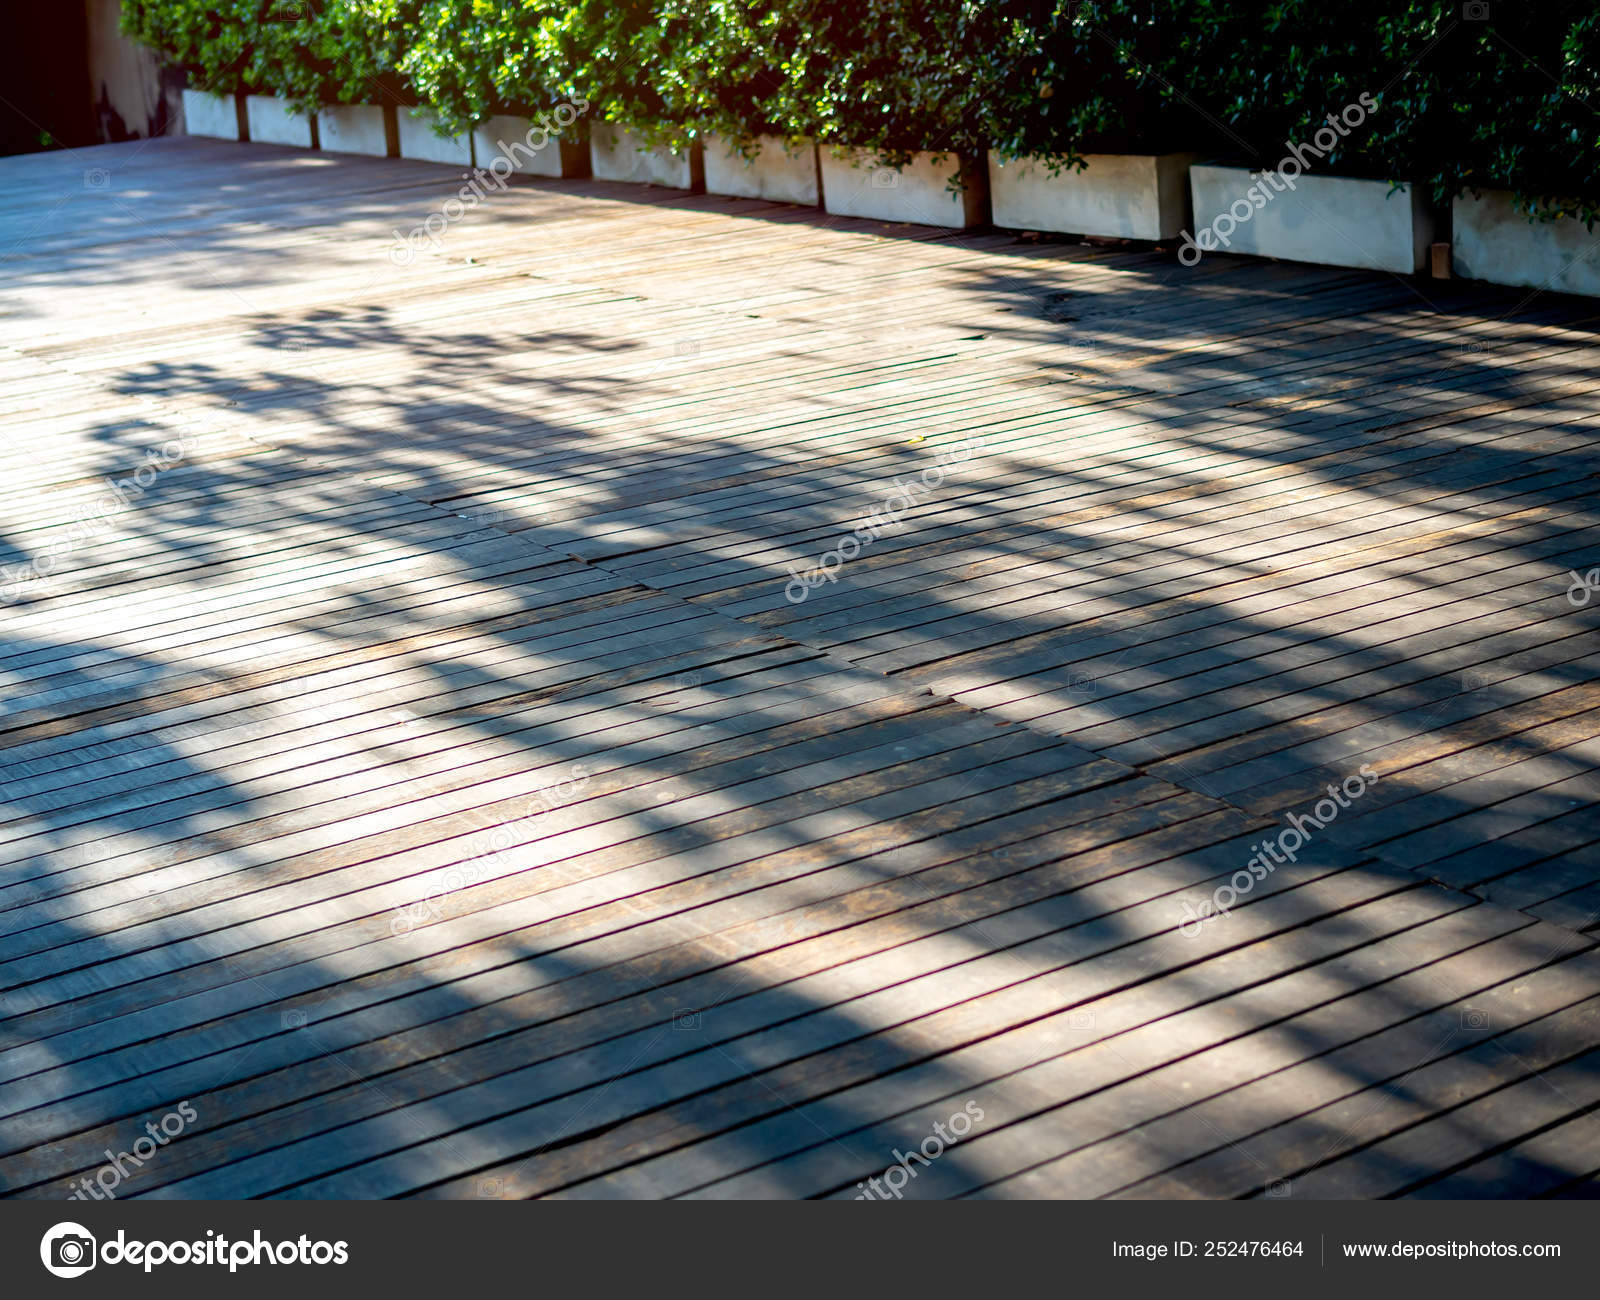 Terraza Exterior De Piso De Madera Con Sol Y Sombra De árbol